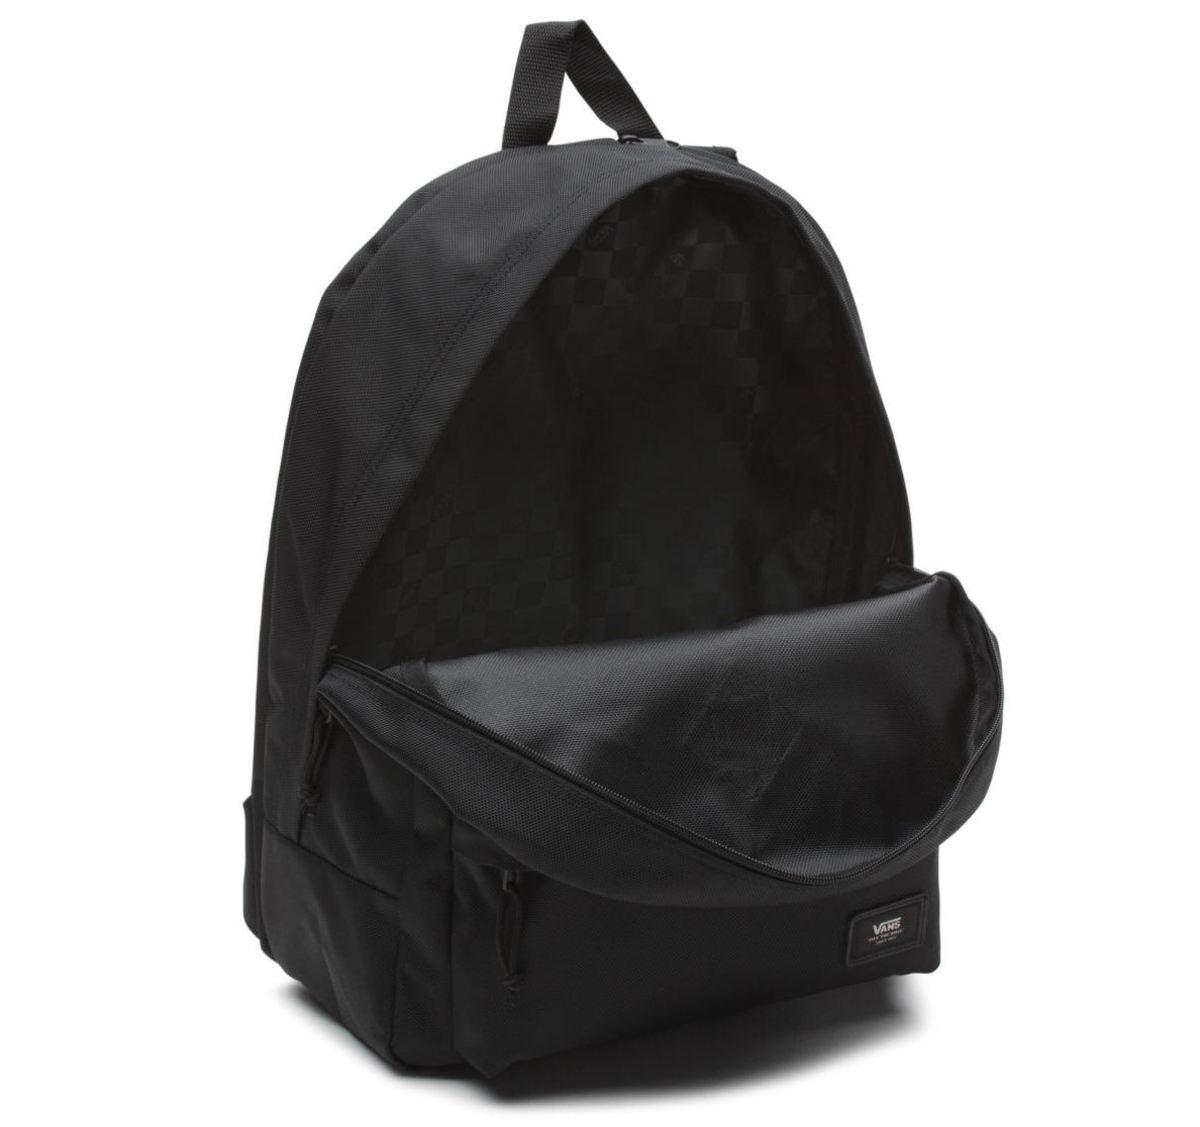 Backpack VANS - MN OLD SKOOL PLUS - Black - VN0002TMBLK - Metal ...